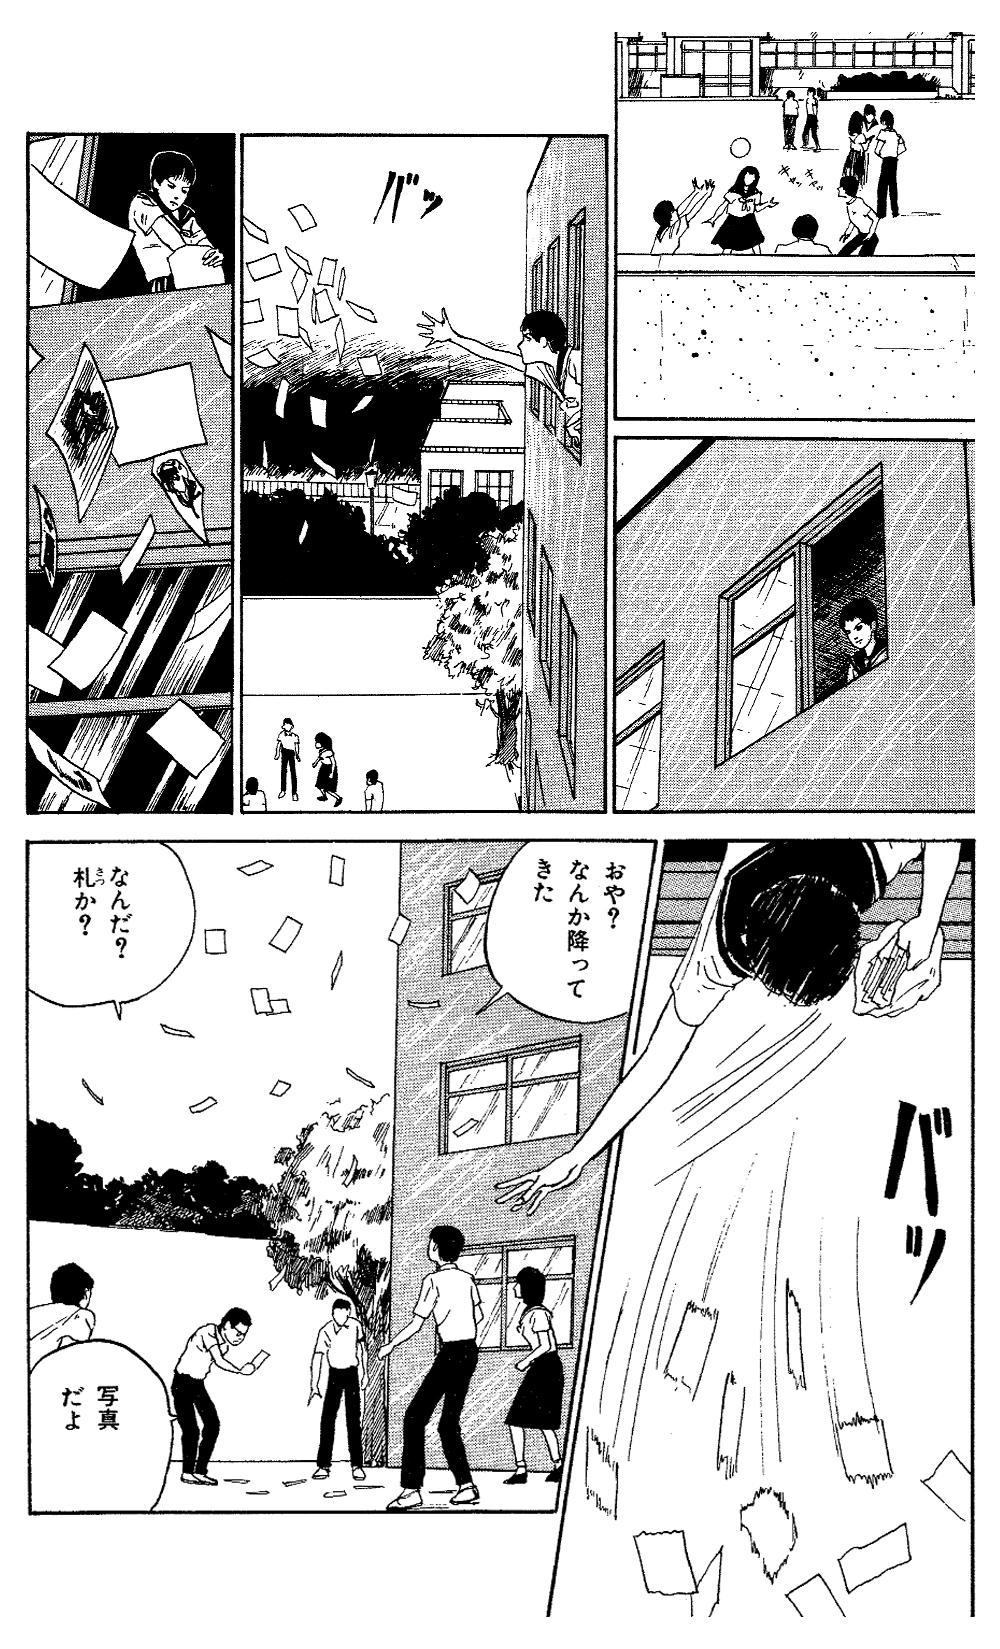 伊藤潤二傑作集 第4話「富江 写真」③junji12-04.jpg